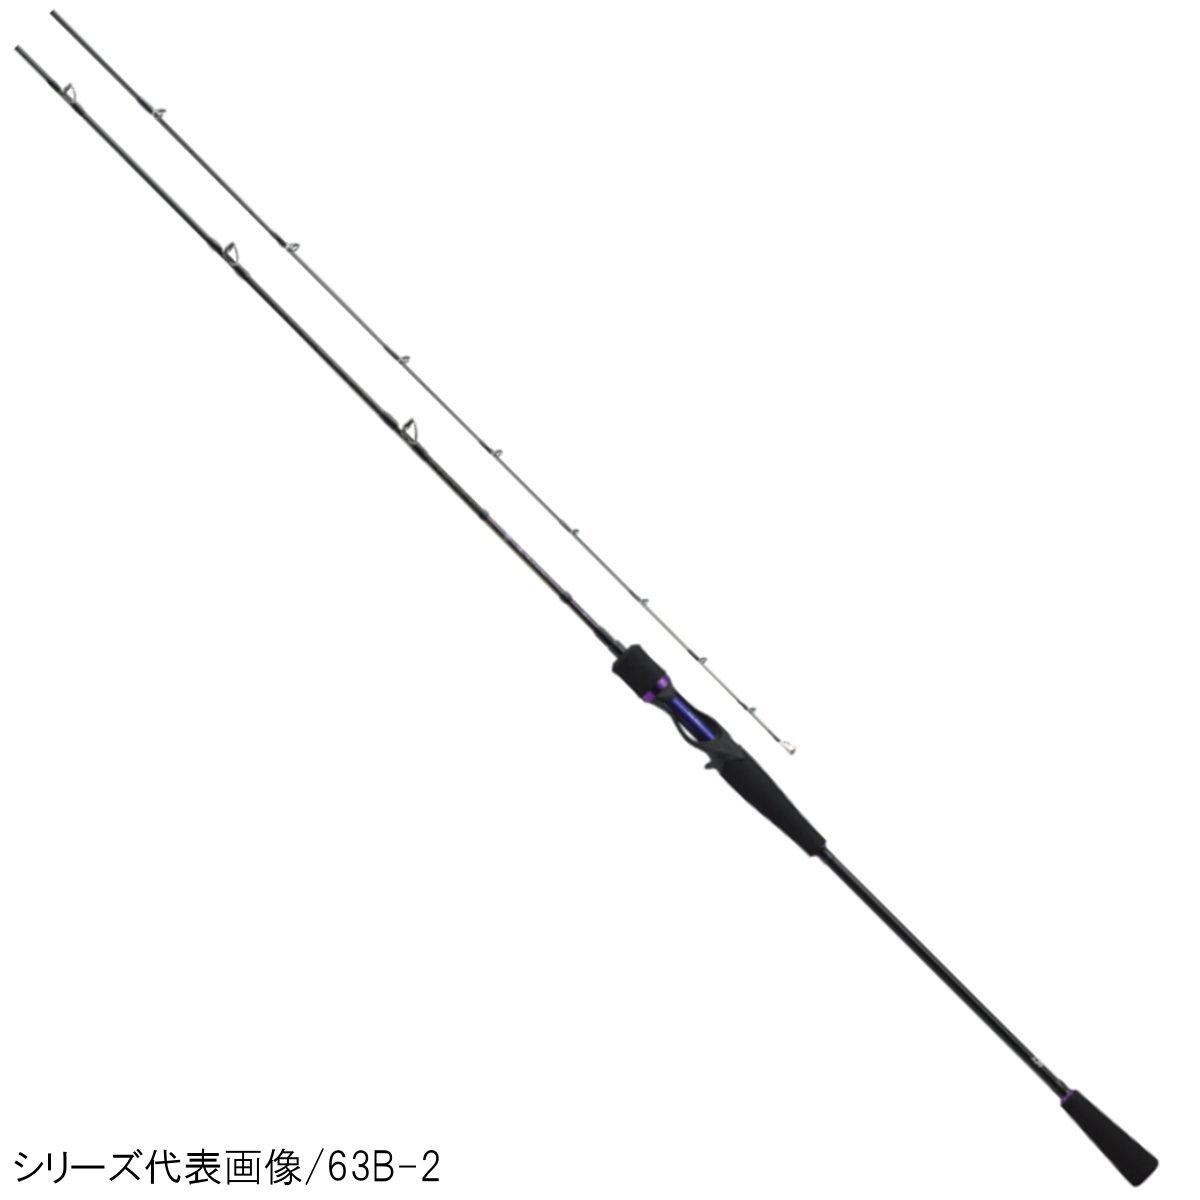 ダイワ 鏡牙 63B-1.5 【送料無料】